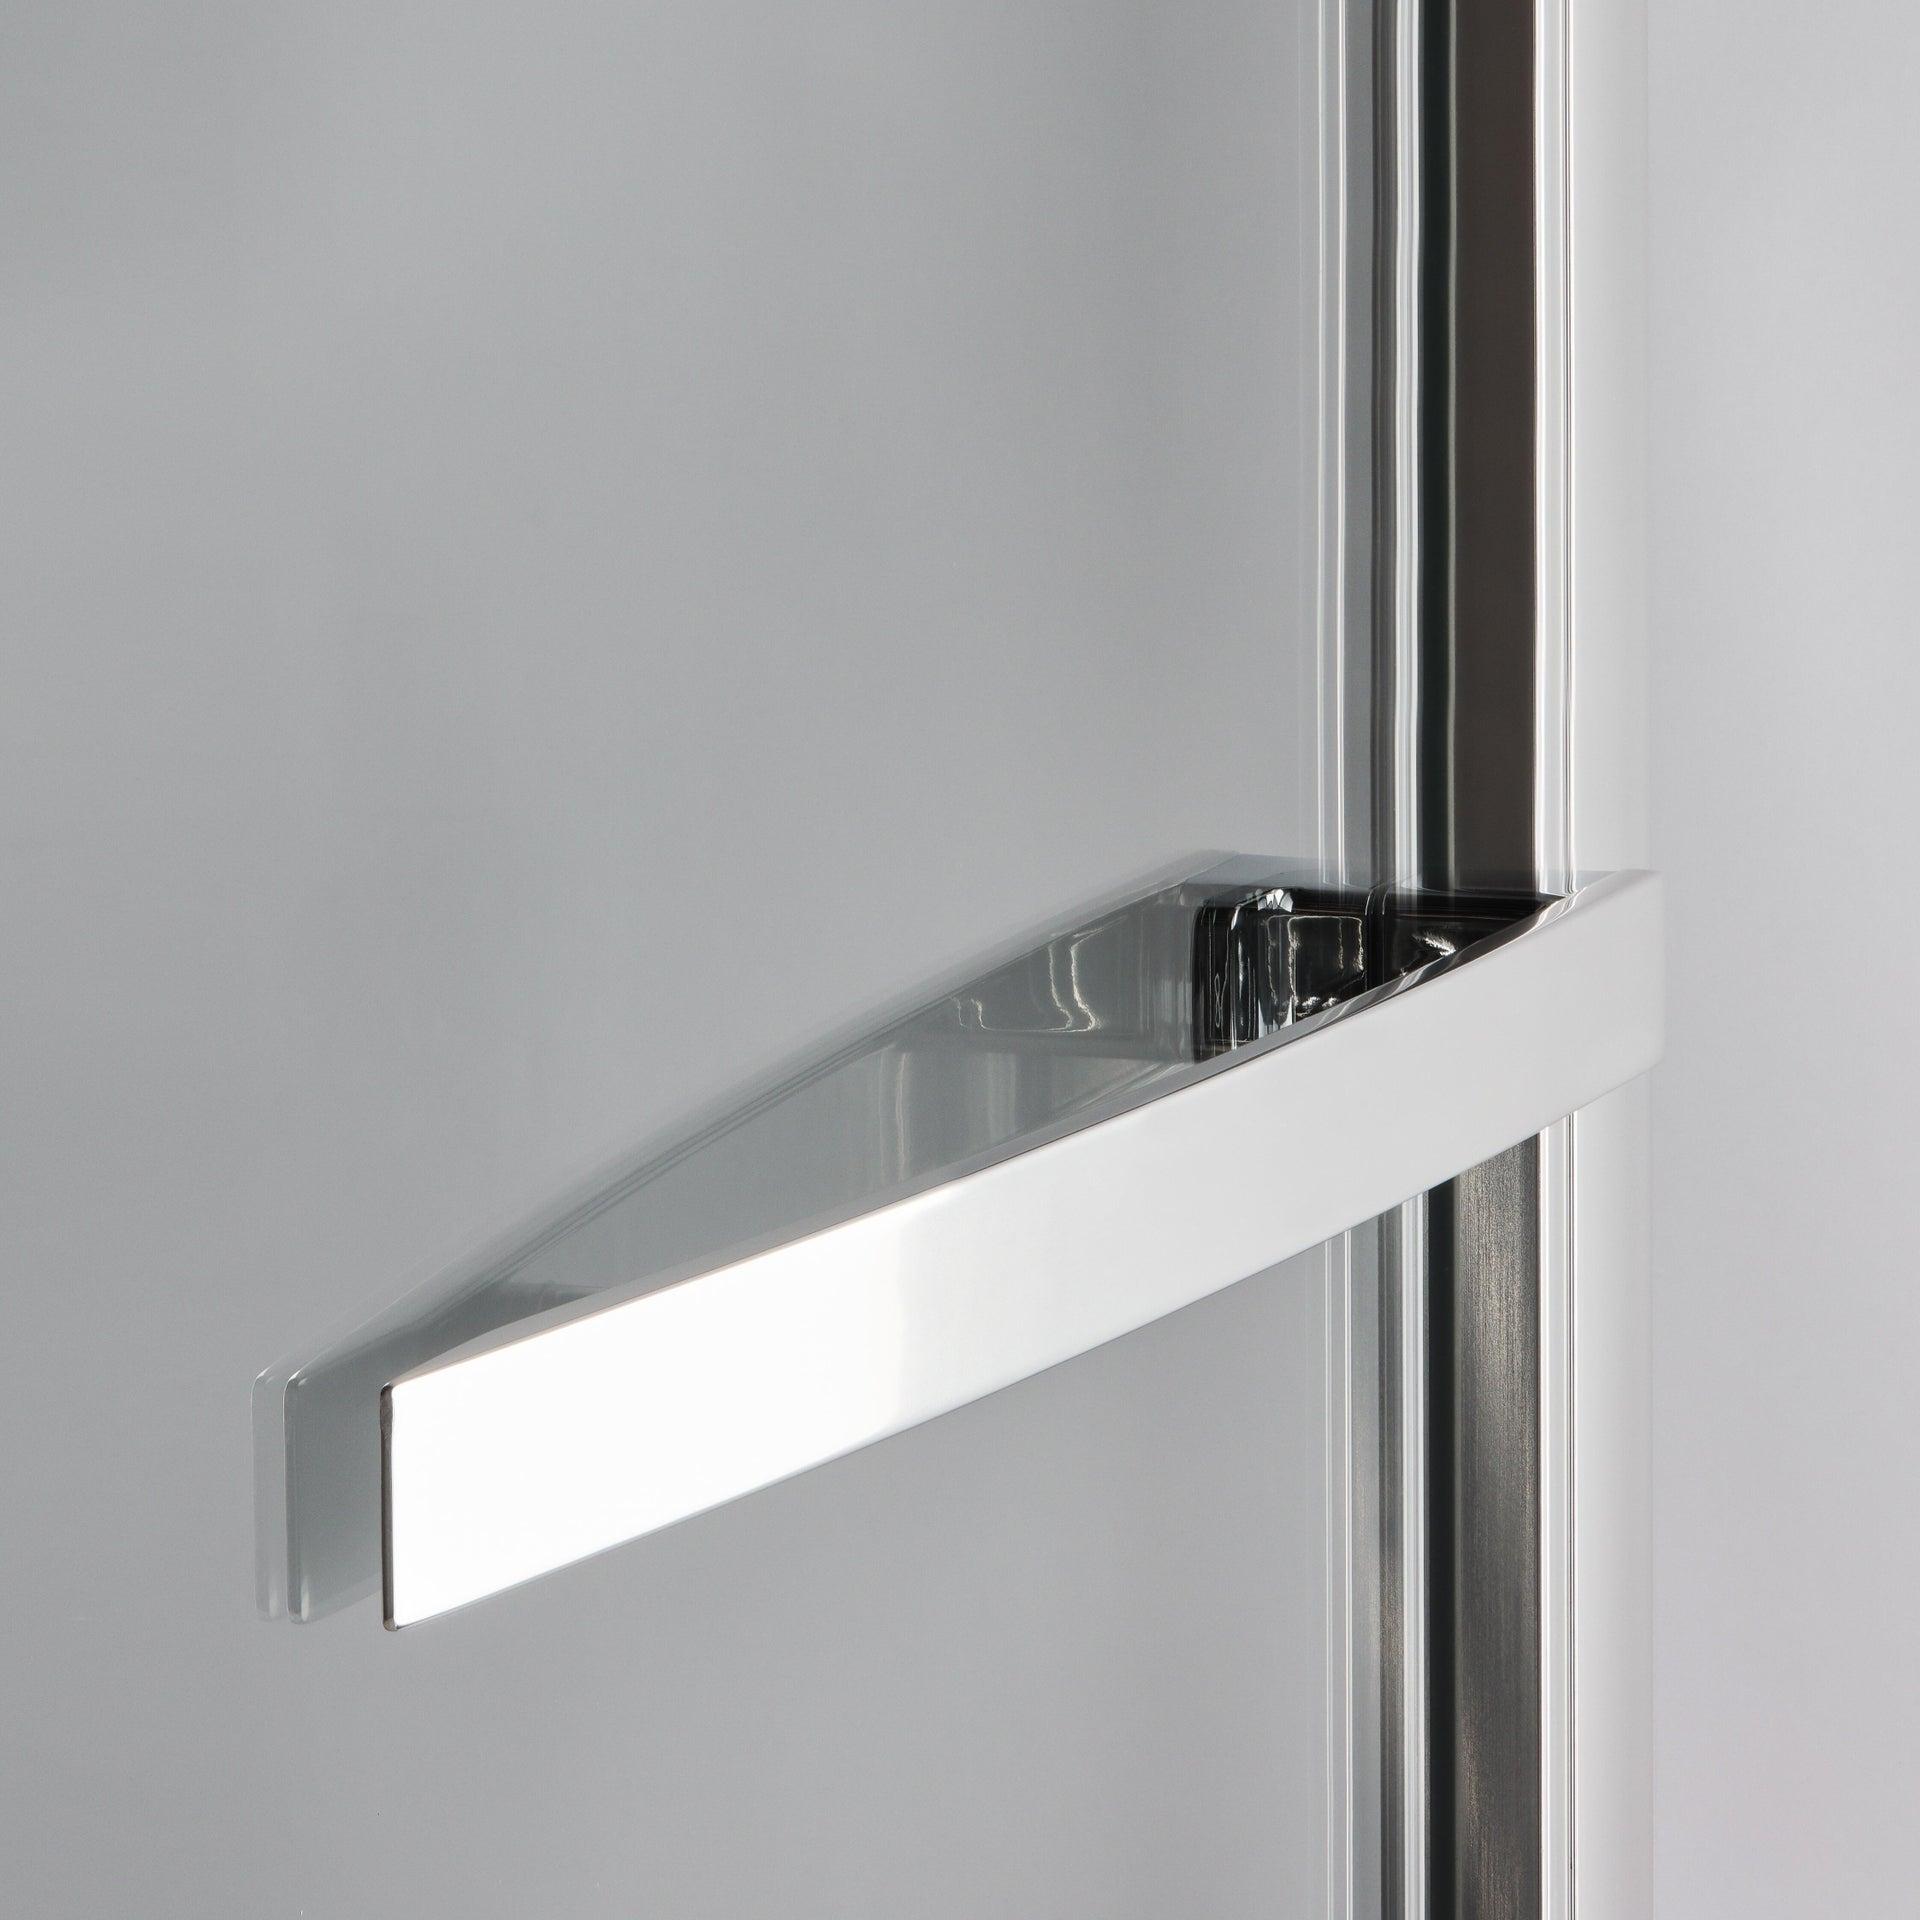 Porta doccia battente Namara 160 cm, H 195 cm in vetro temprato, spessore 8 mm trasparente silver - 3